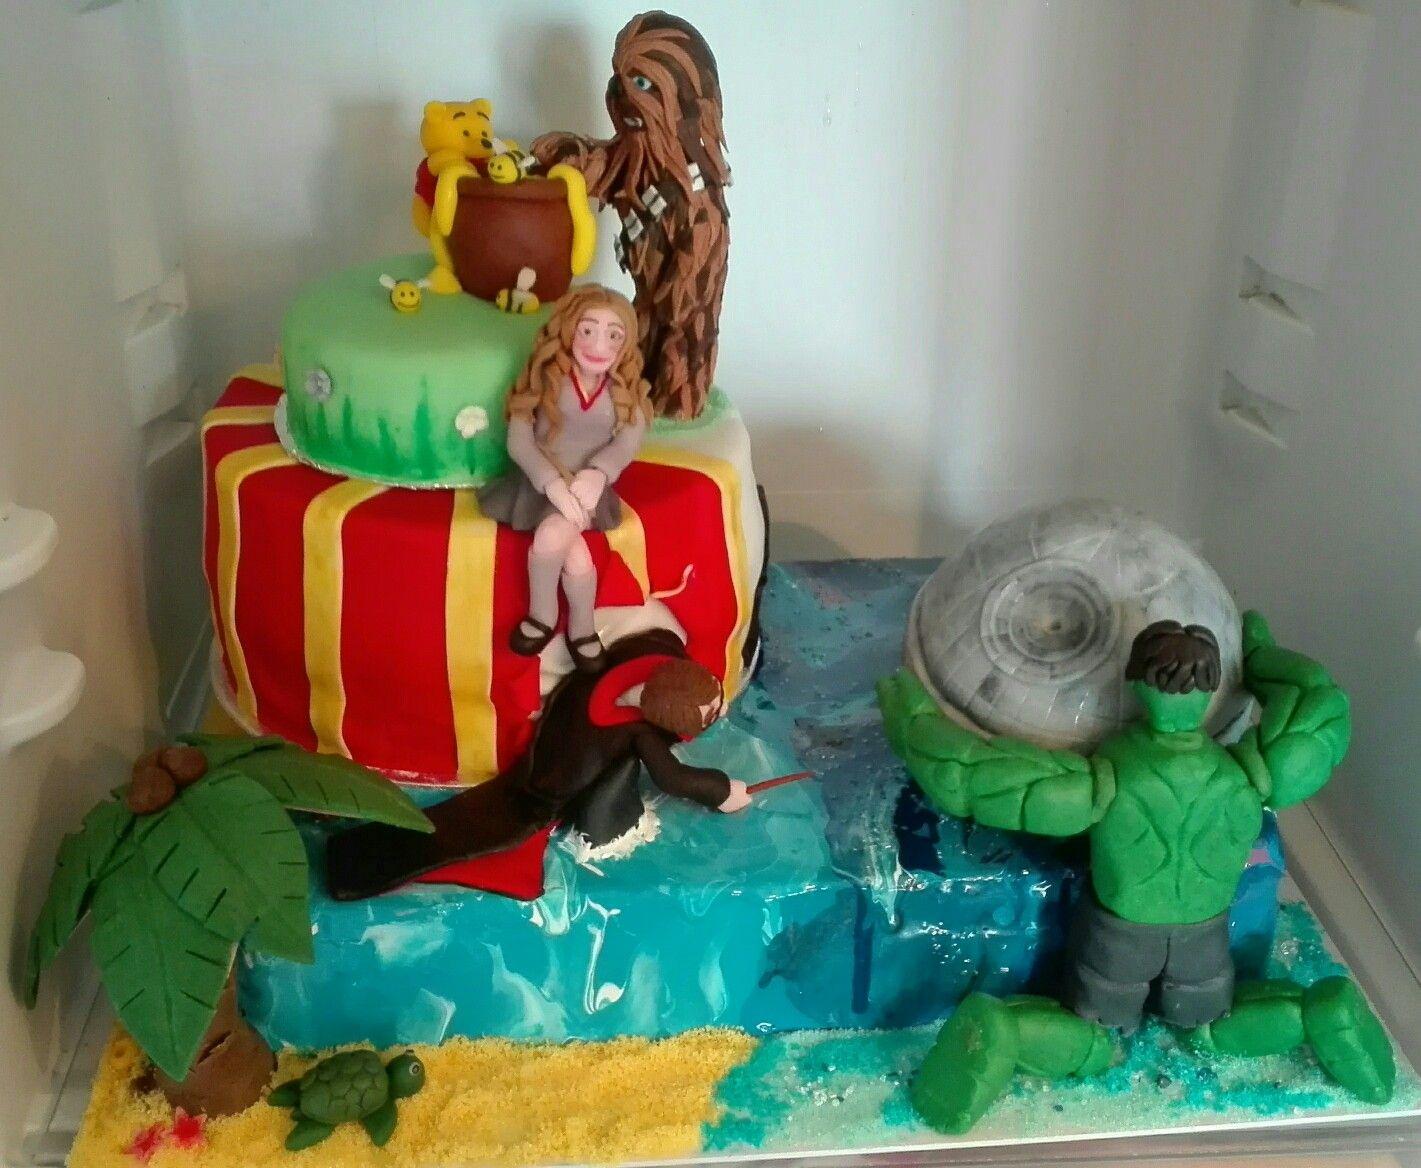 40 40 80 Gegensatz Torte Zum 40 Geburtstag Eines Ehepaares Harry Potter Hulk Star Wars Winnie Puh Karibik London Hulk Geburtstag Karibik